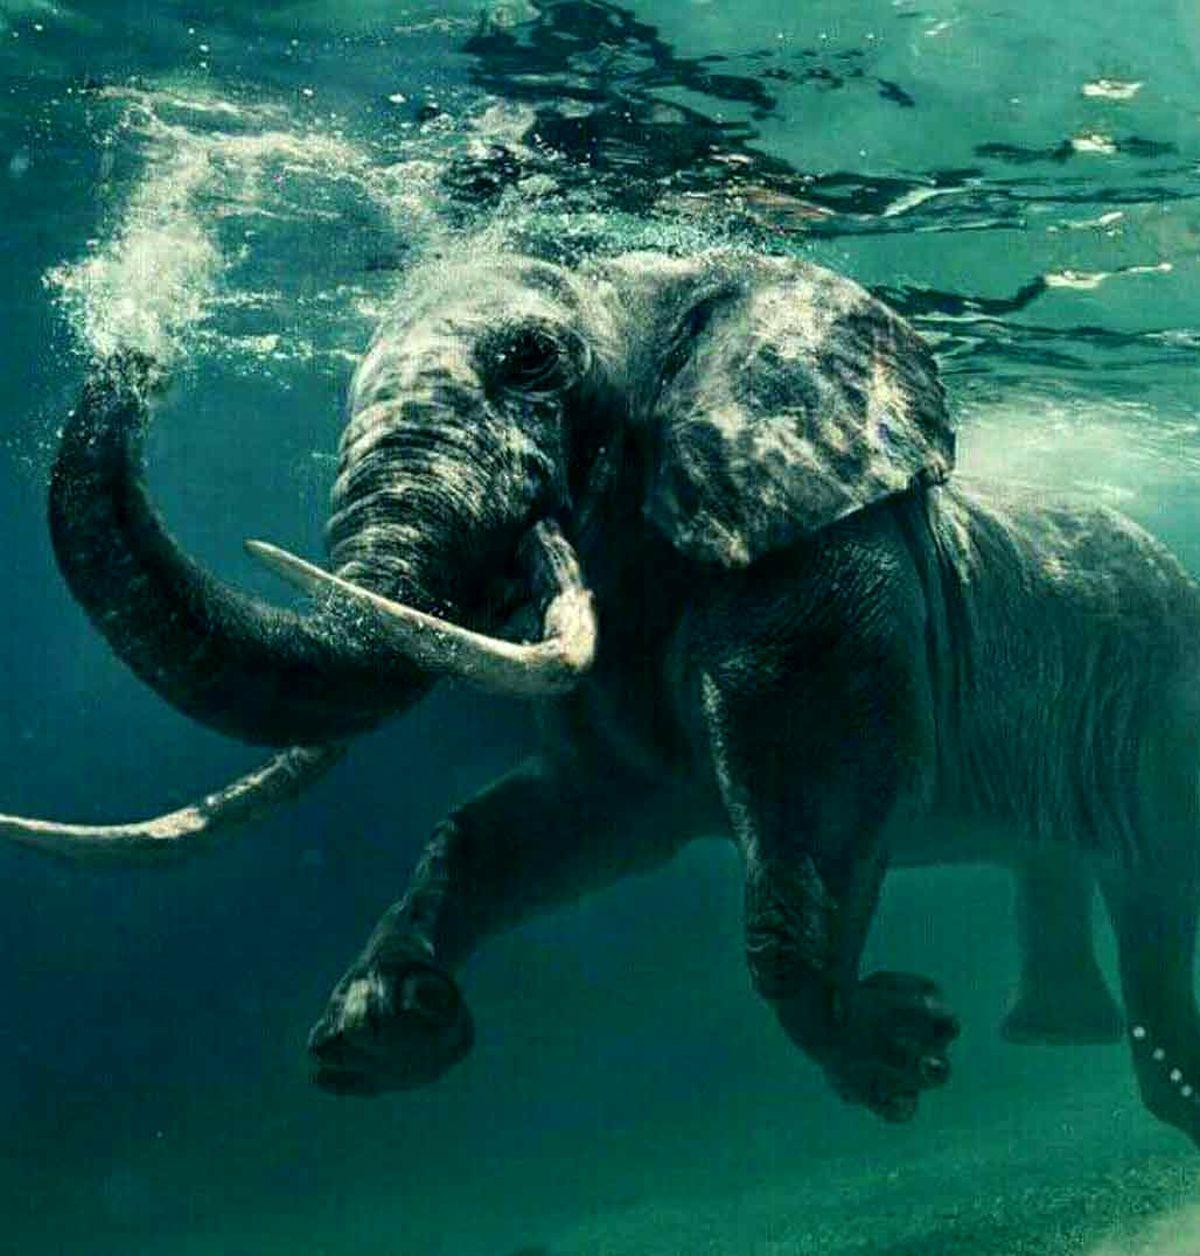 تصویری از زیرآبی رفتن فیل